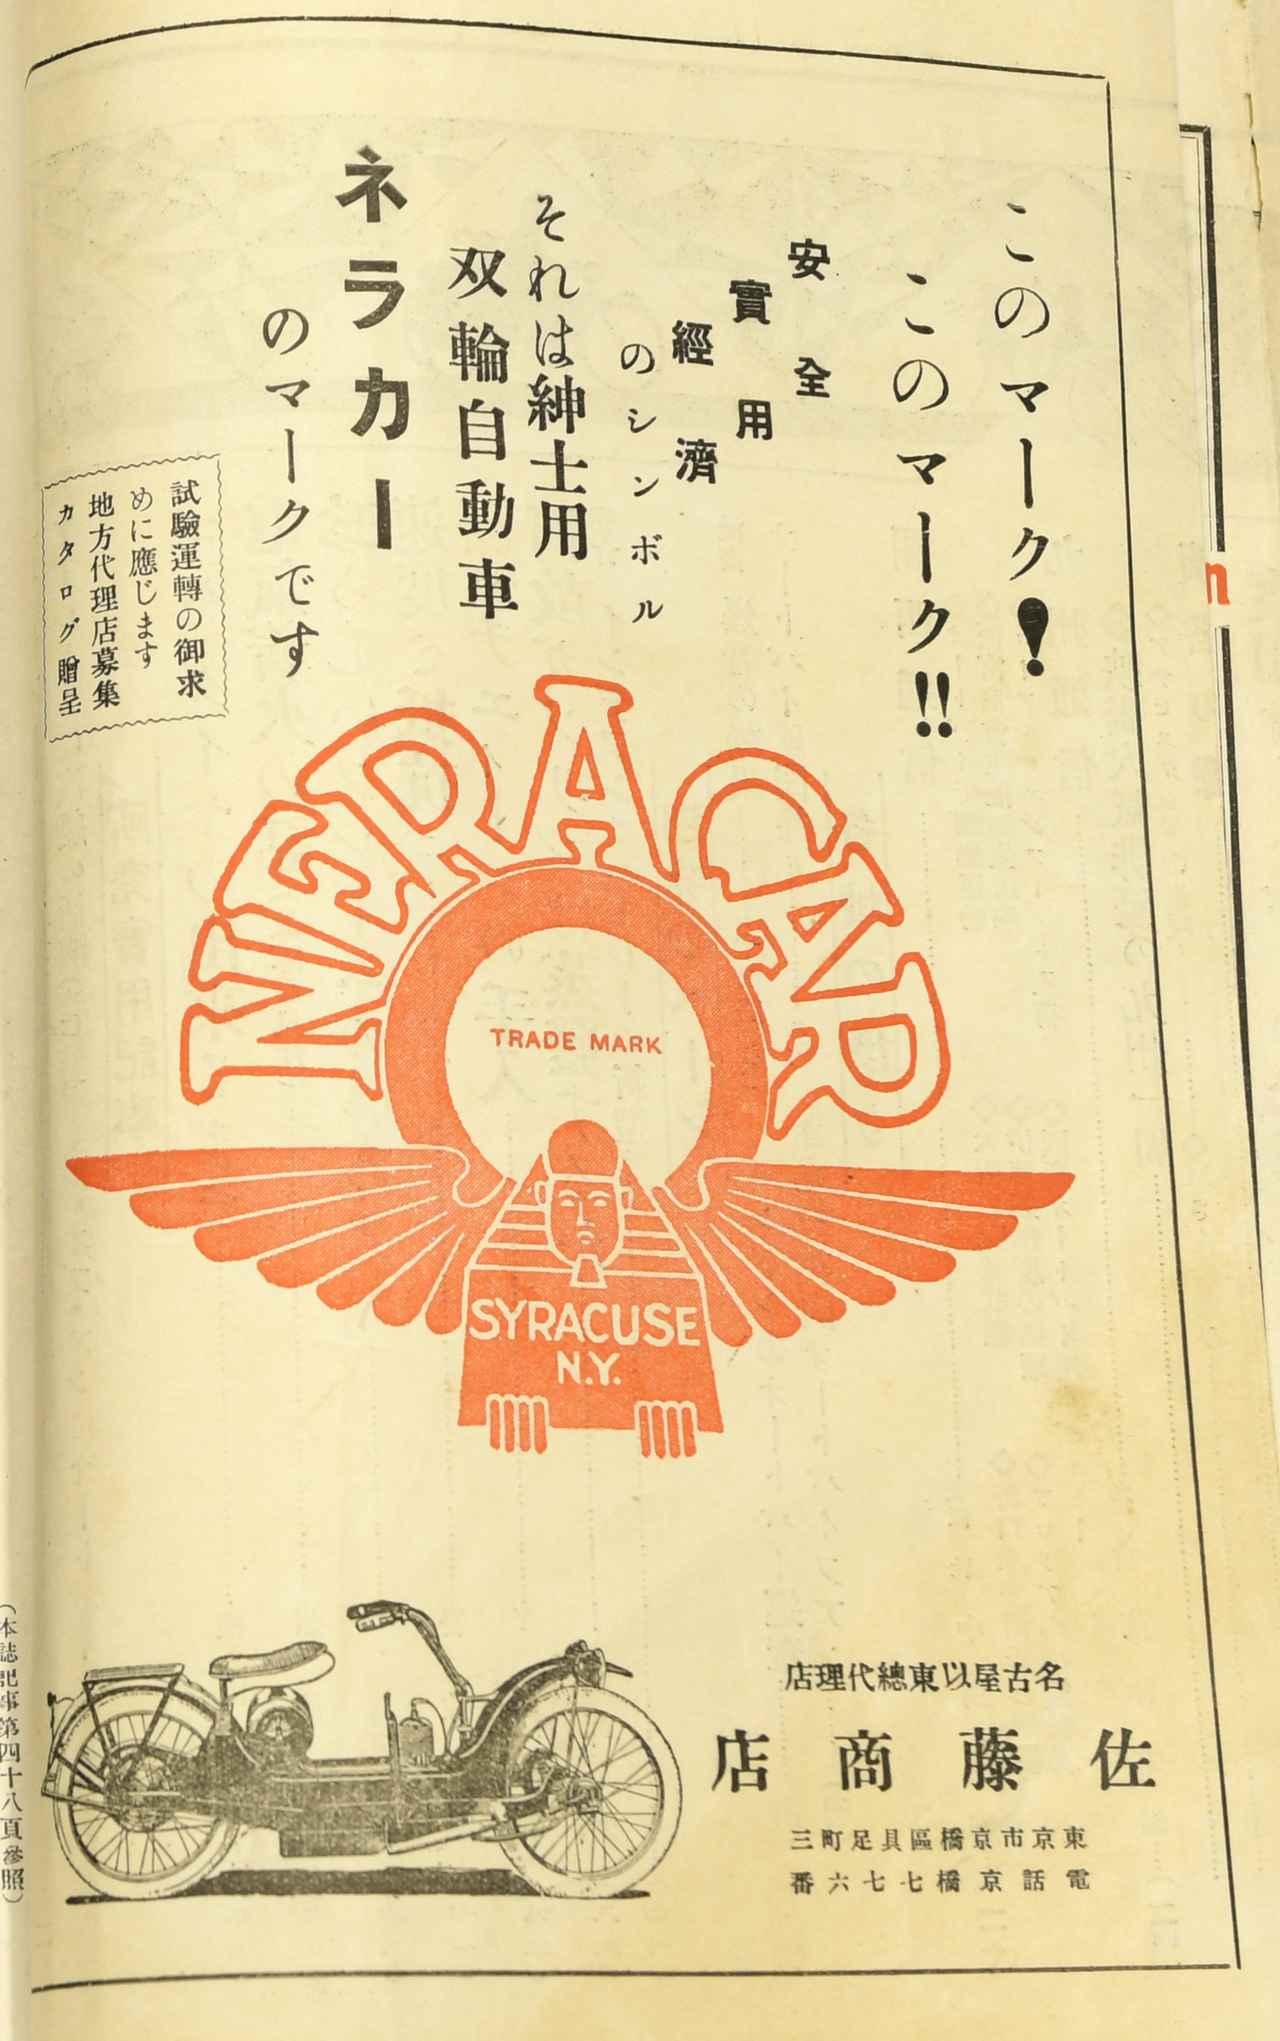 画像: 次のページは「ネラカー」。アメリカで生まれた古いメーカーです。その後、イギリスでも生産されたそう。パッと見、リカンベントバイクのような雰囲気です。